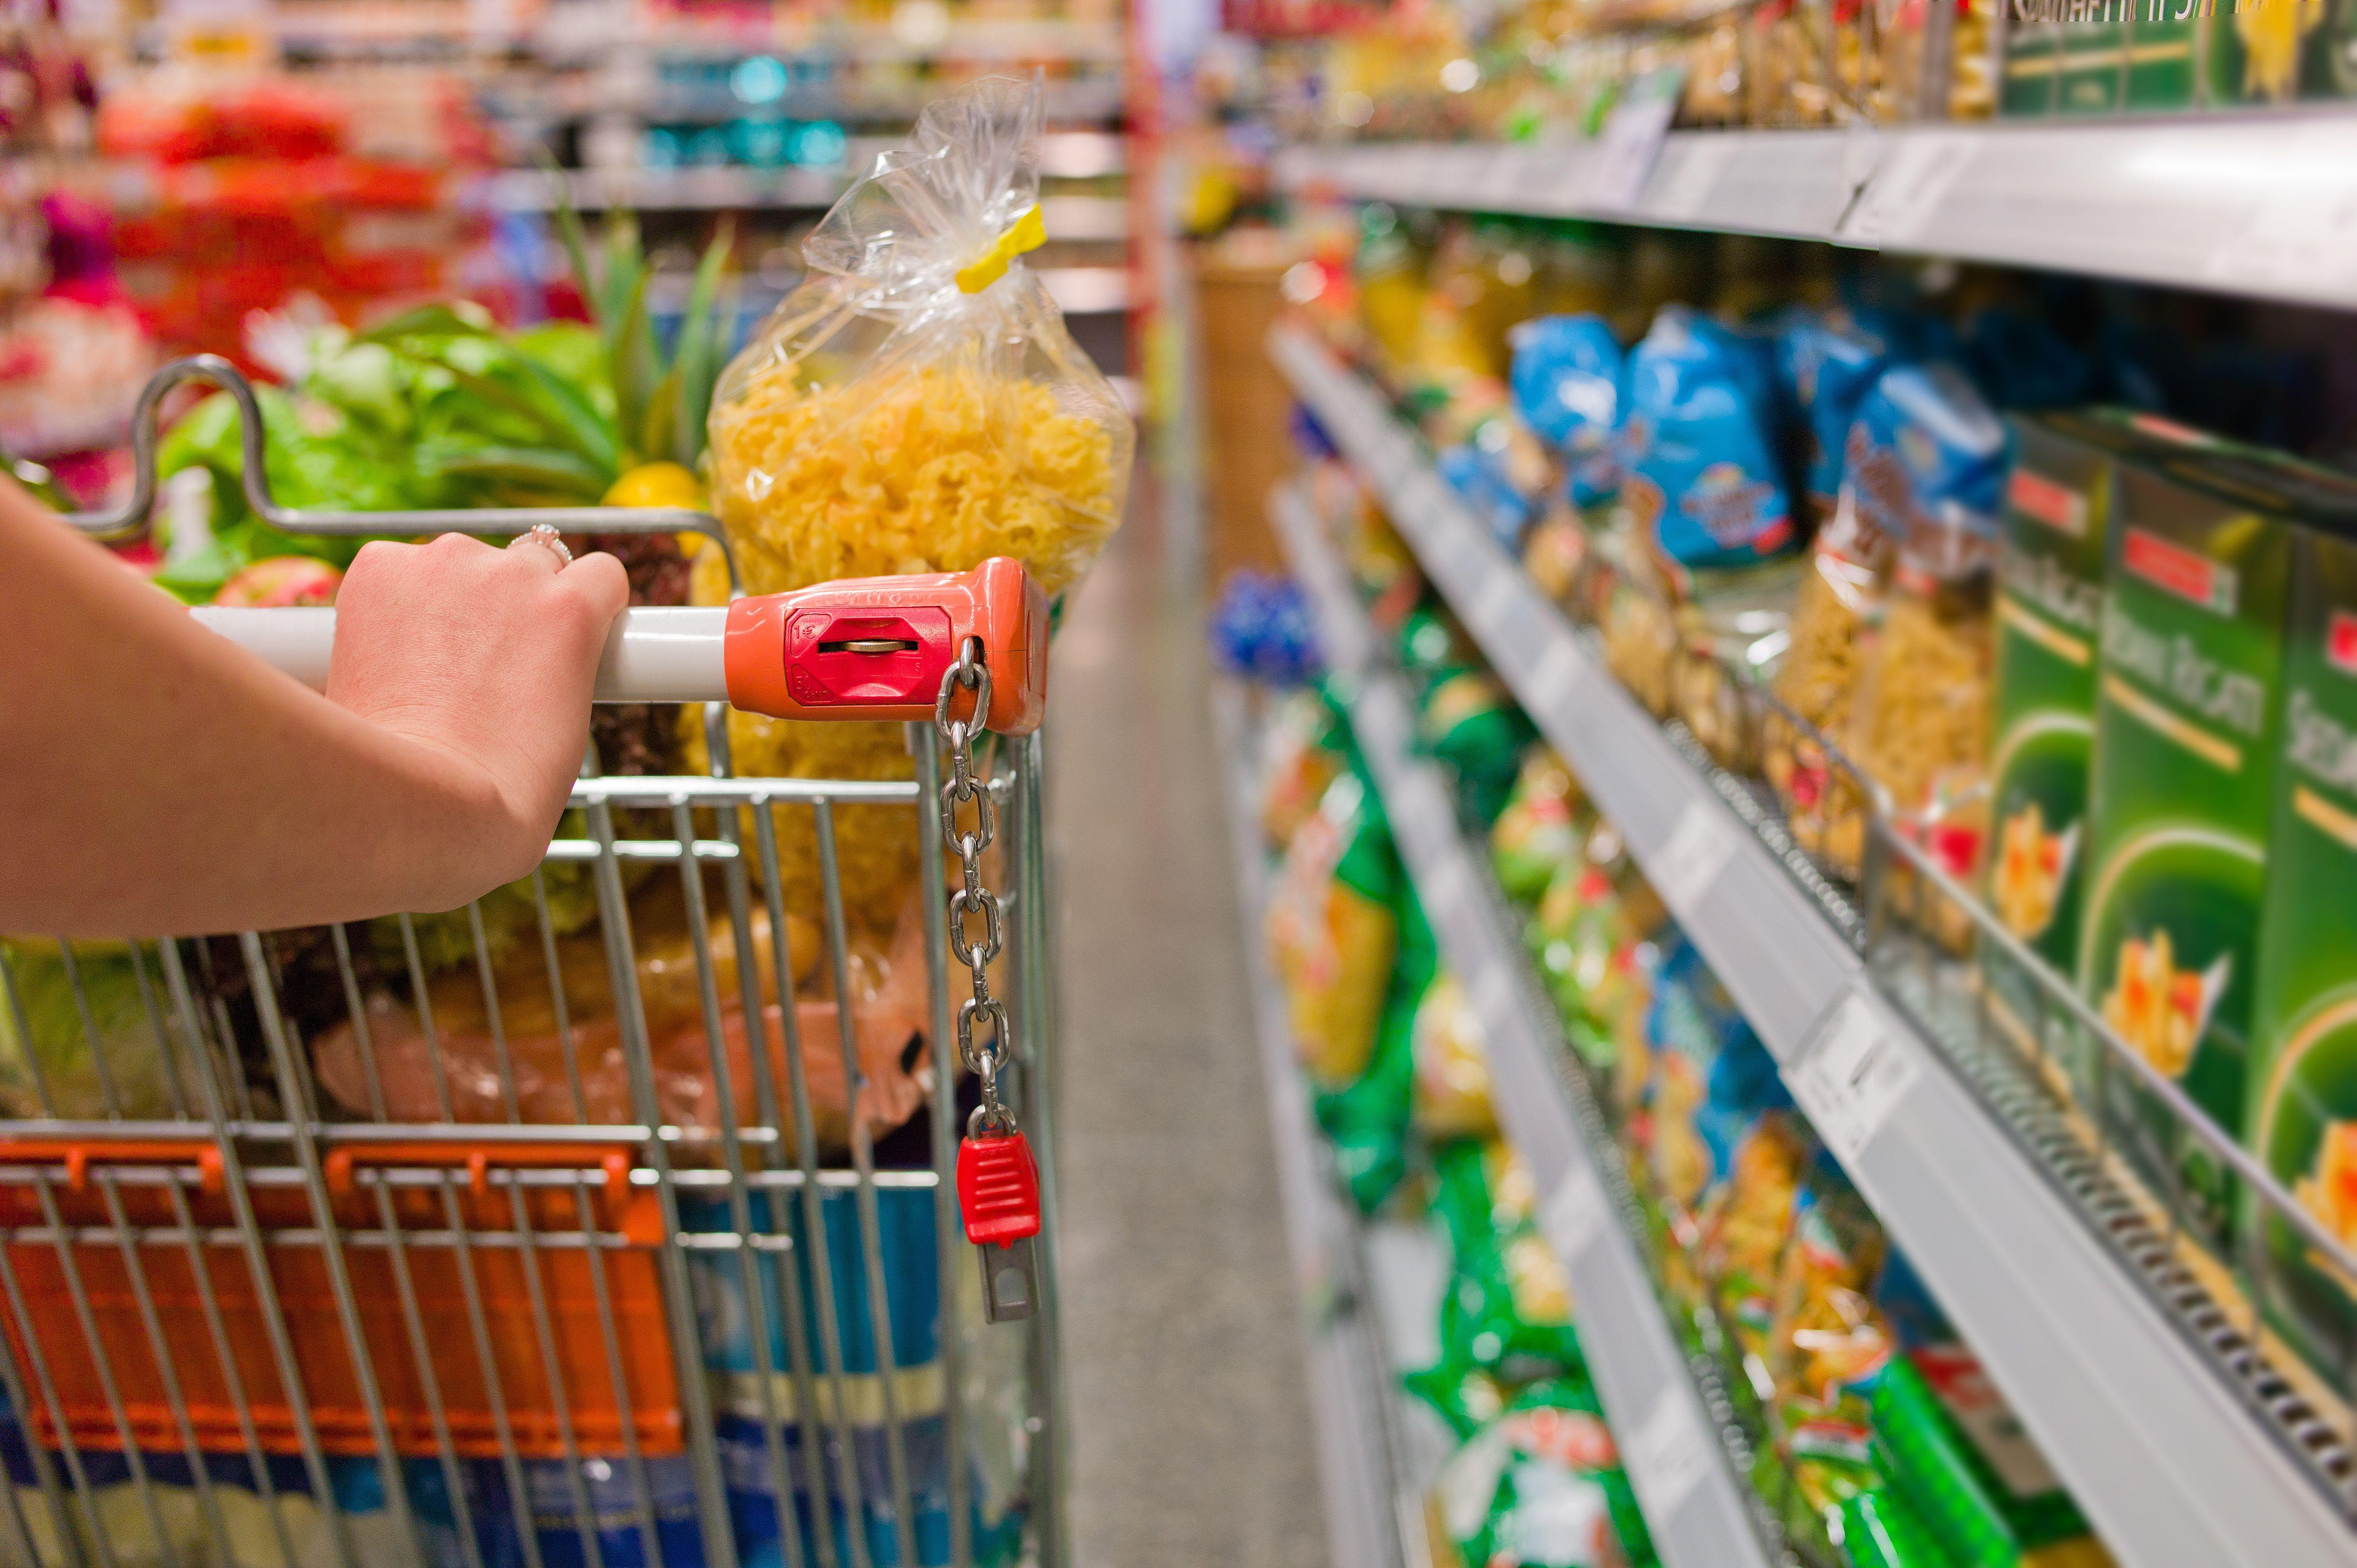 El Indec volvería a difundir los índices de inflación a partir del 15 de junio